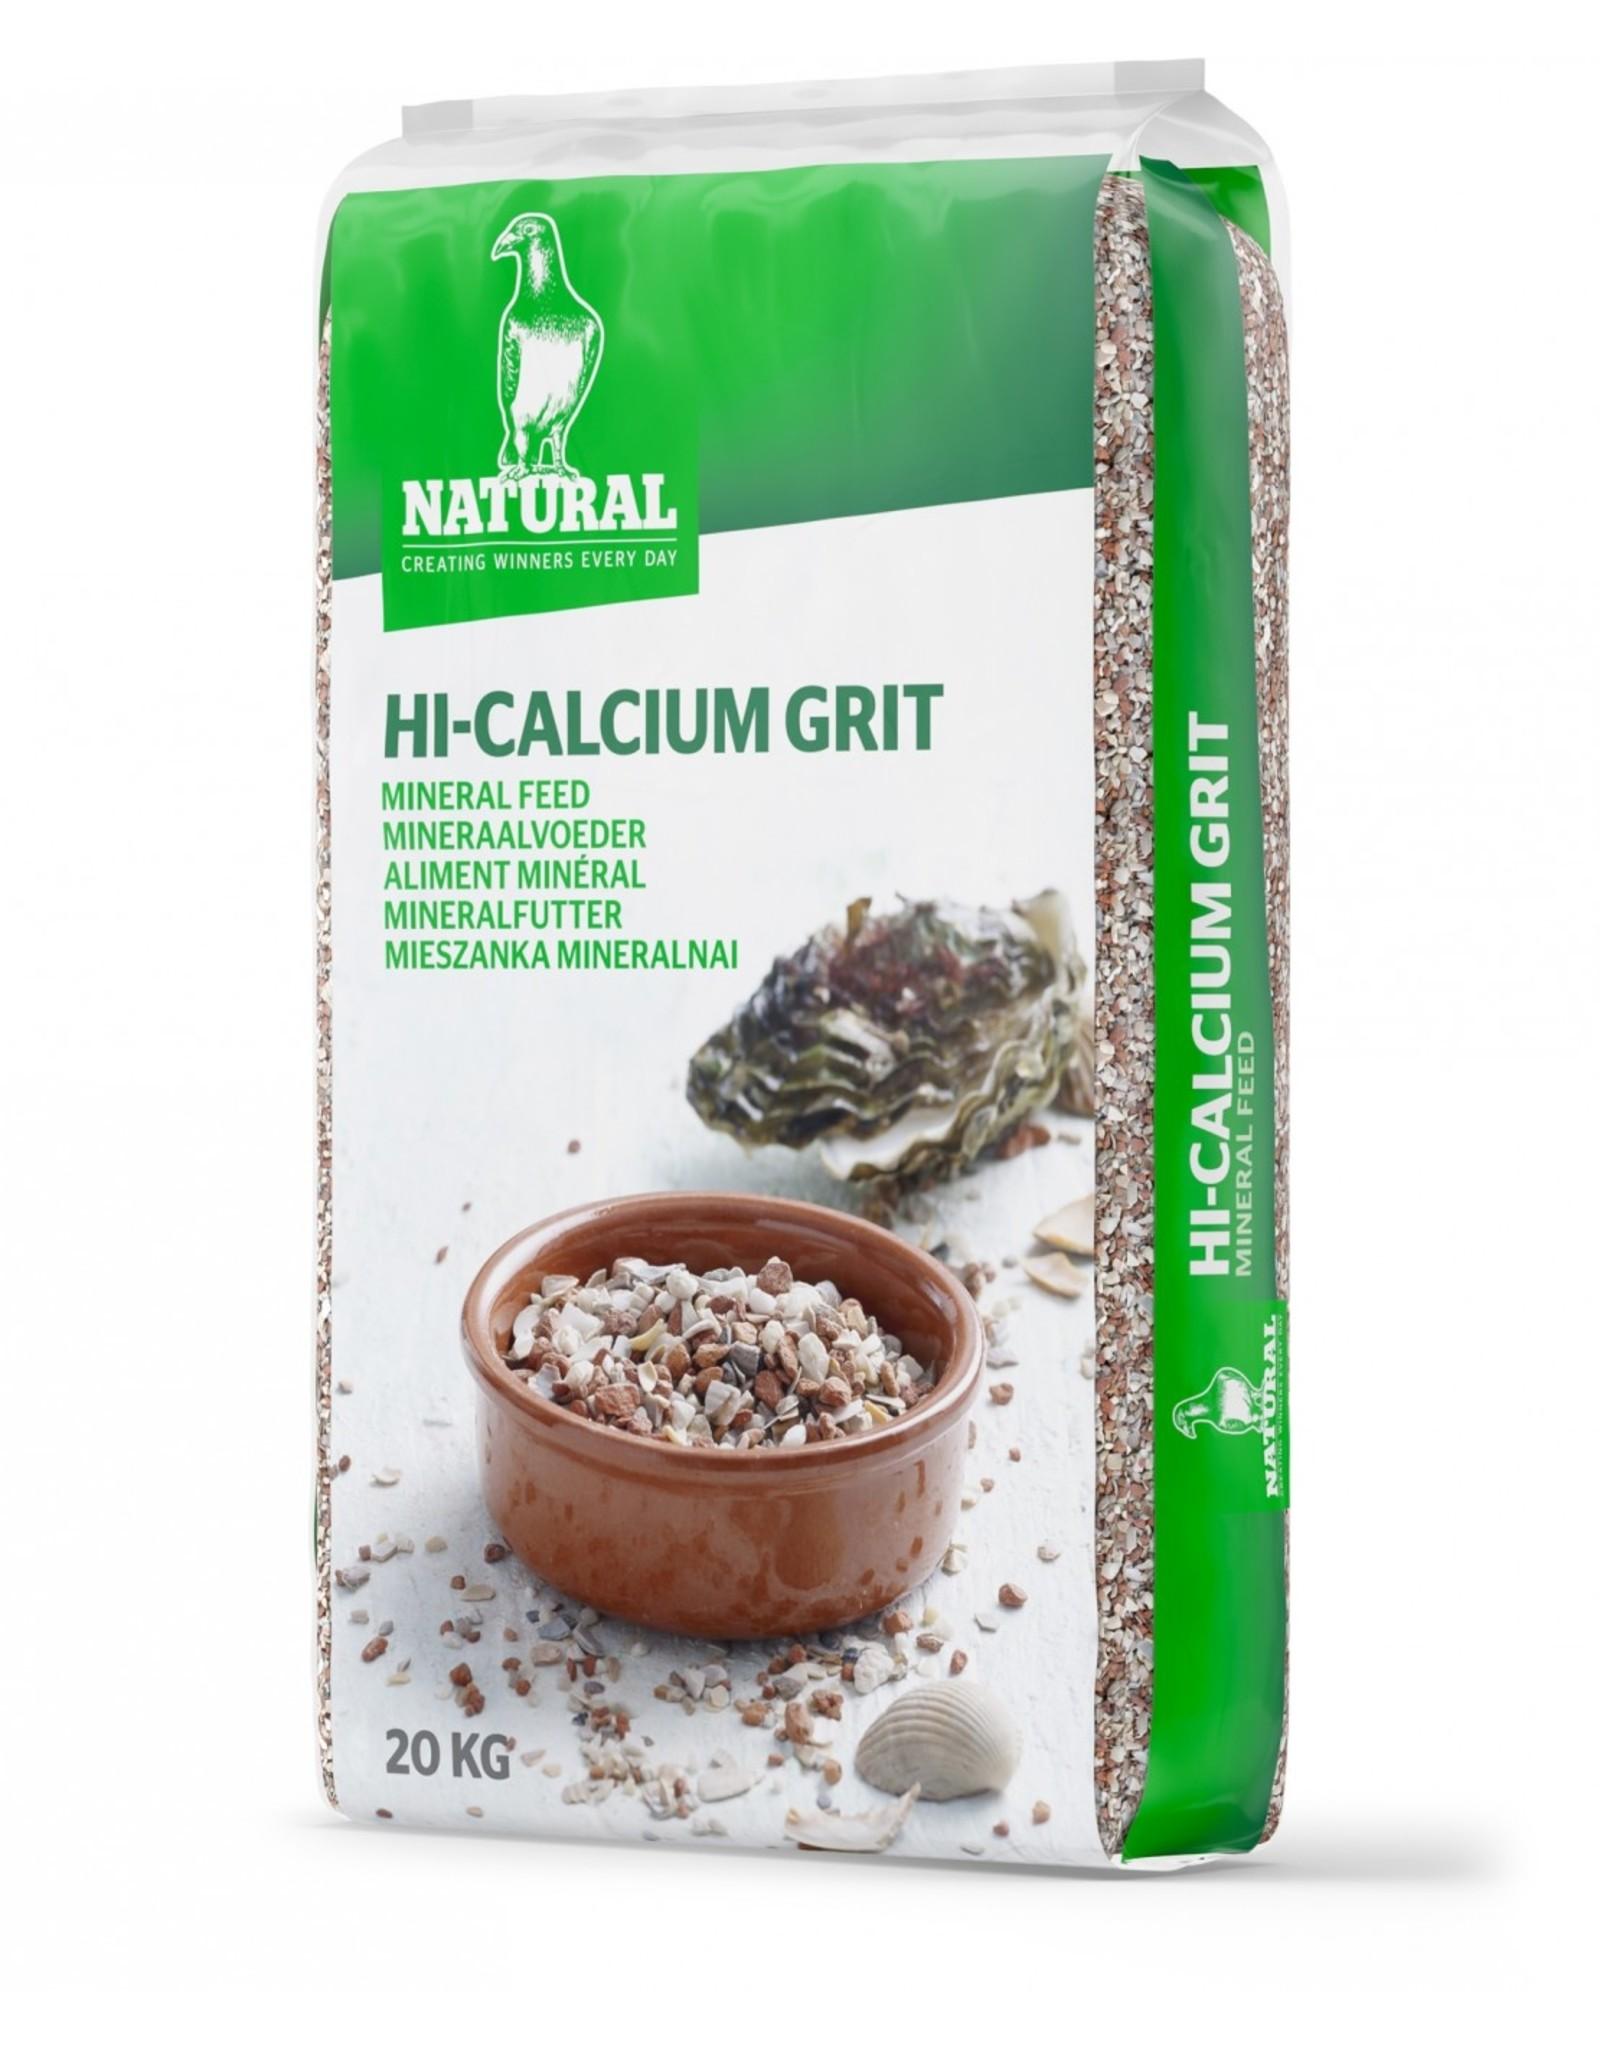 Natural Grit Natural - 20 KG